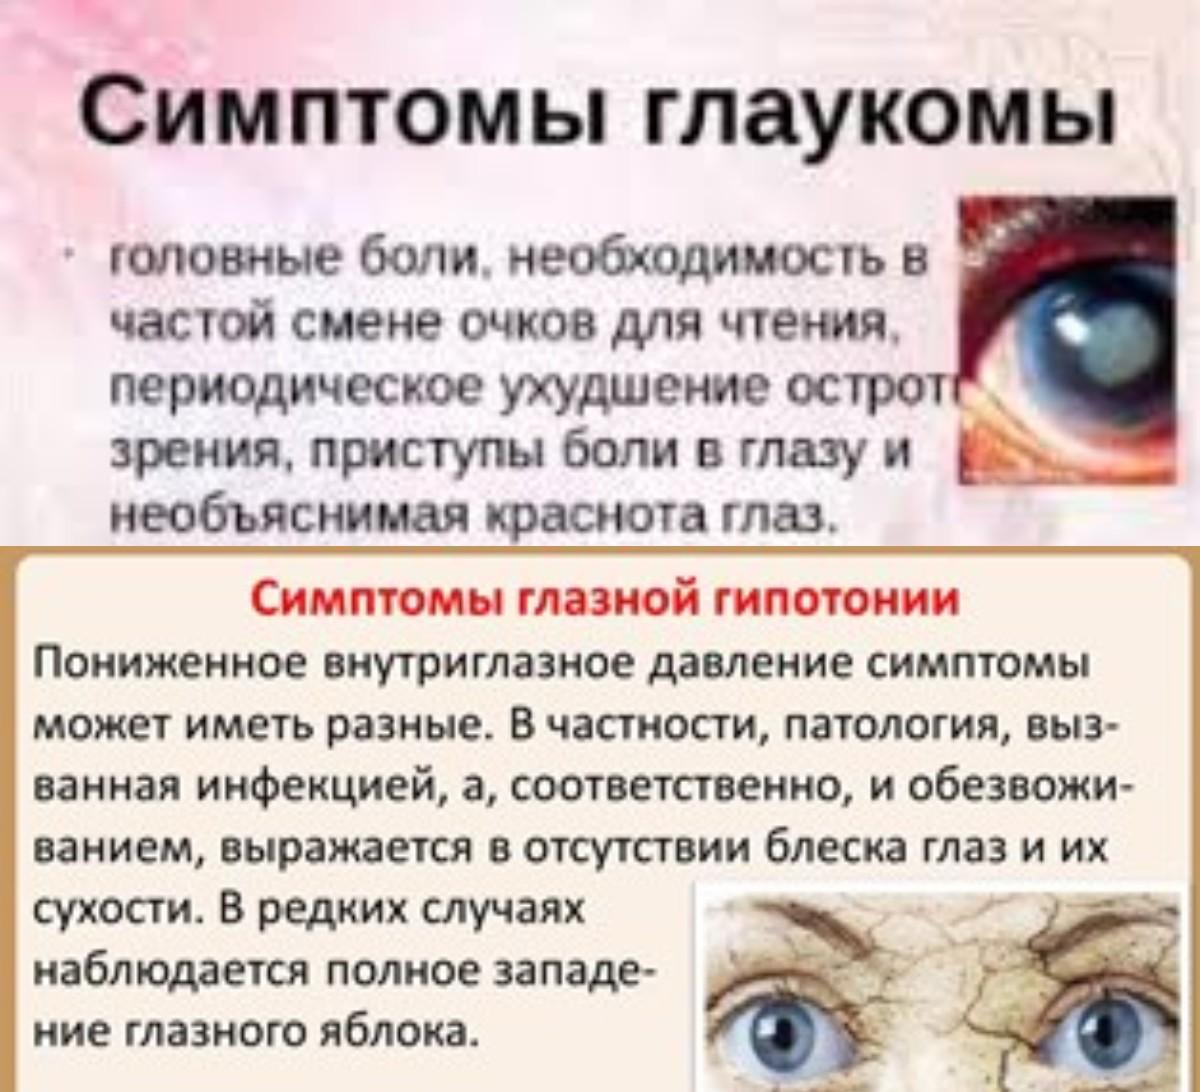 Симптомы глаукомы и внутриглазного давления